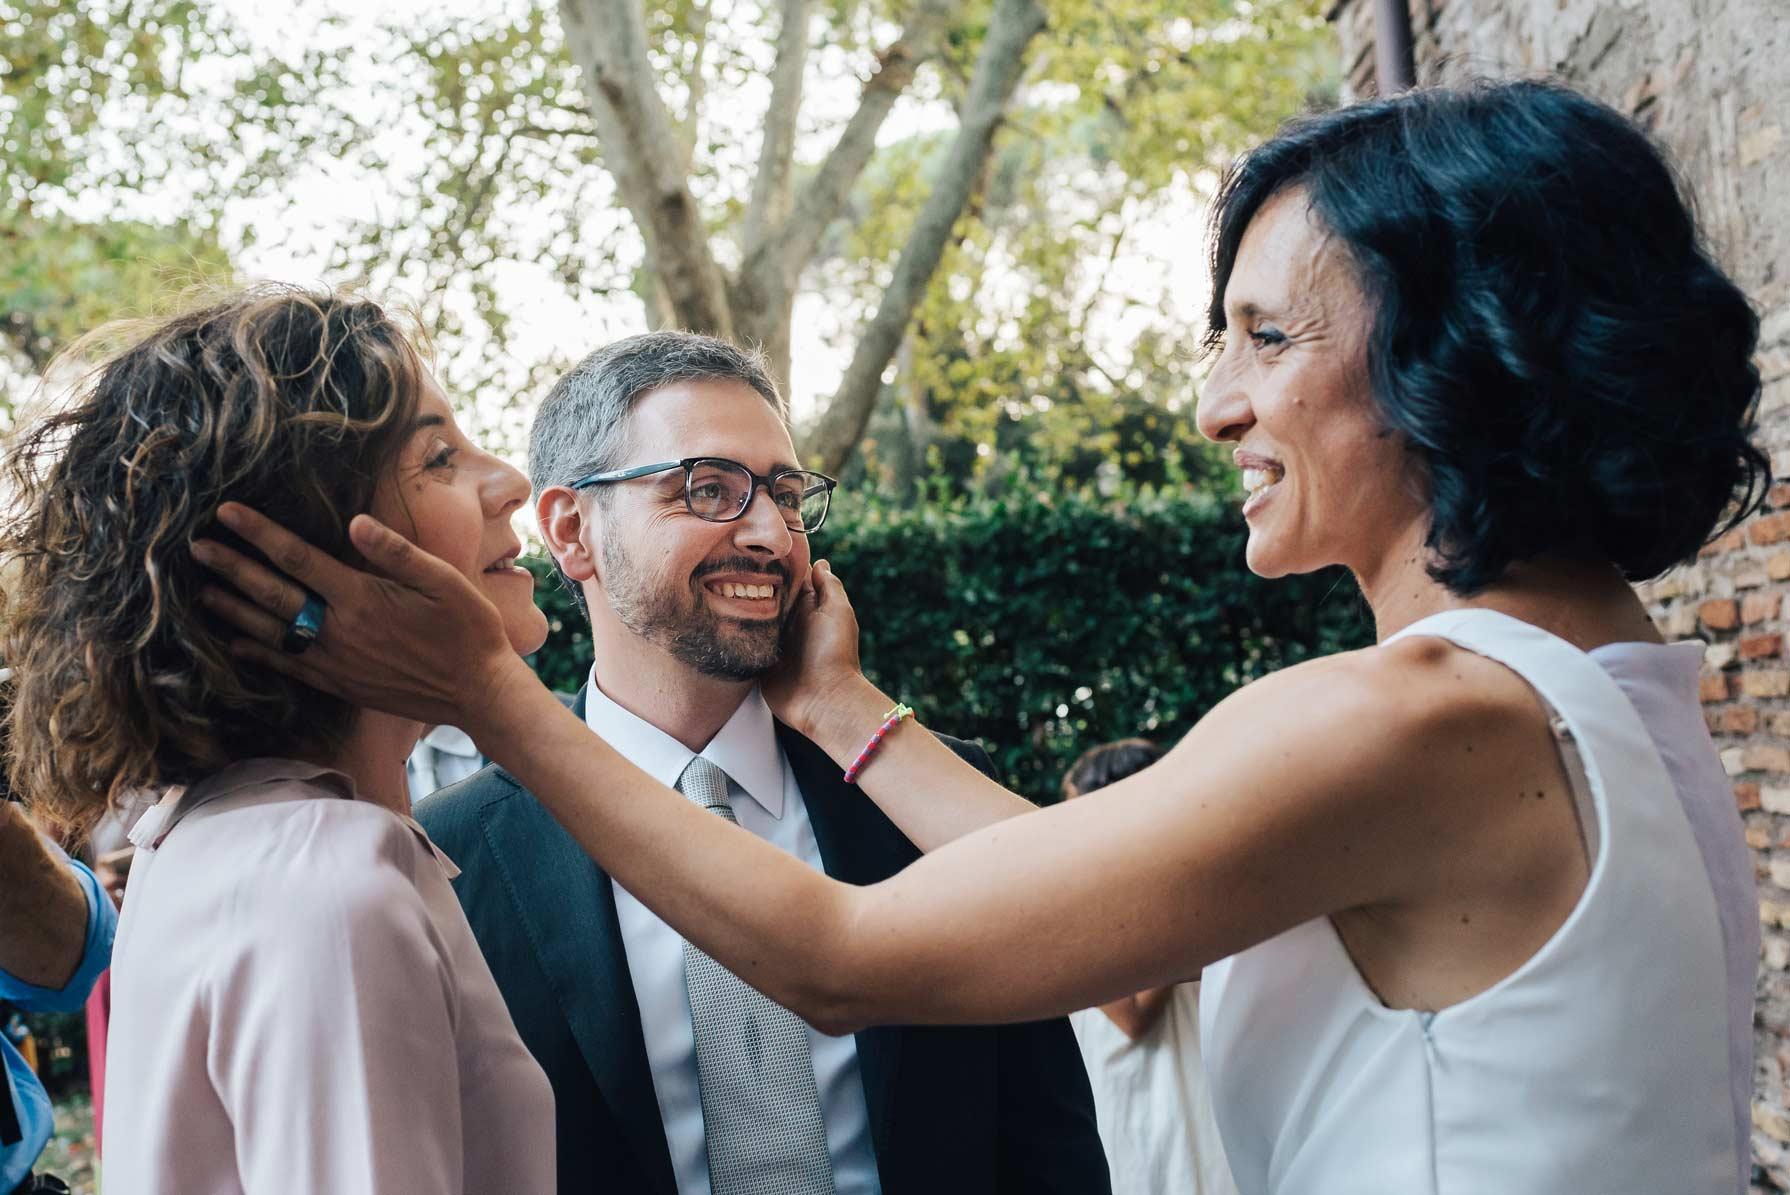 Fotoreportage-Matrimonio-Roma-Cerimonia-1